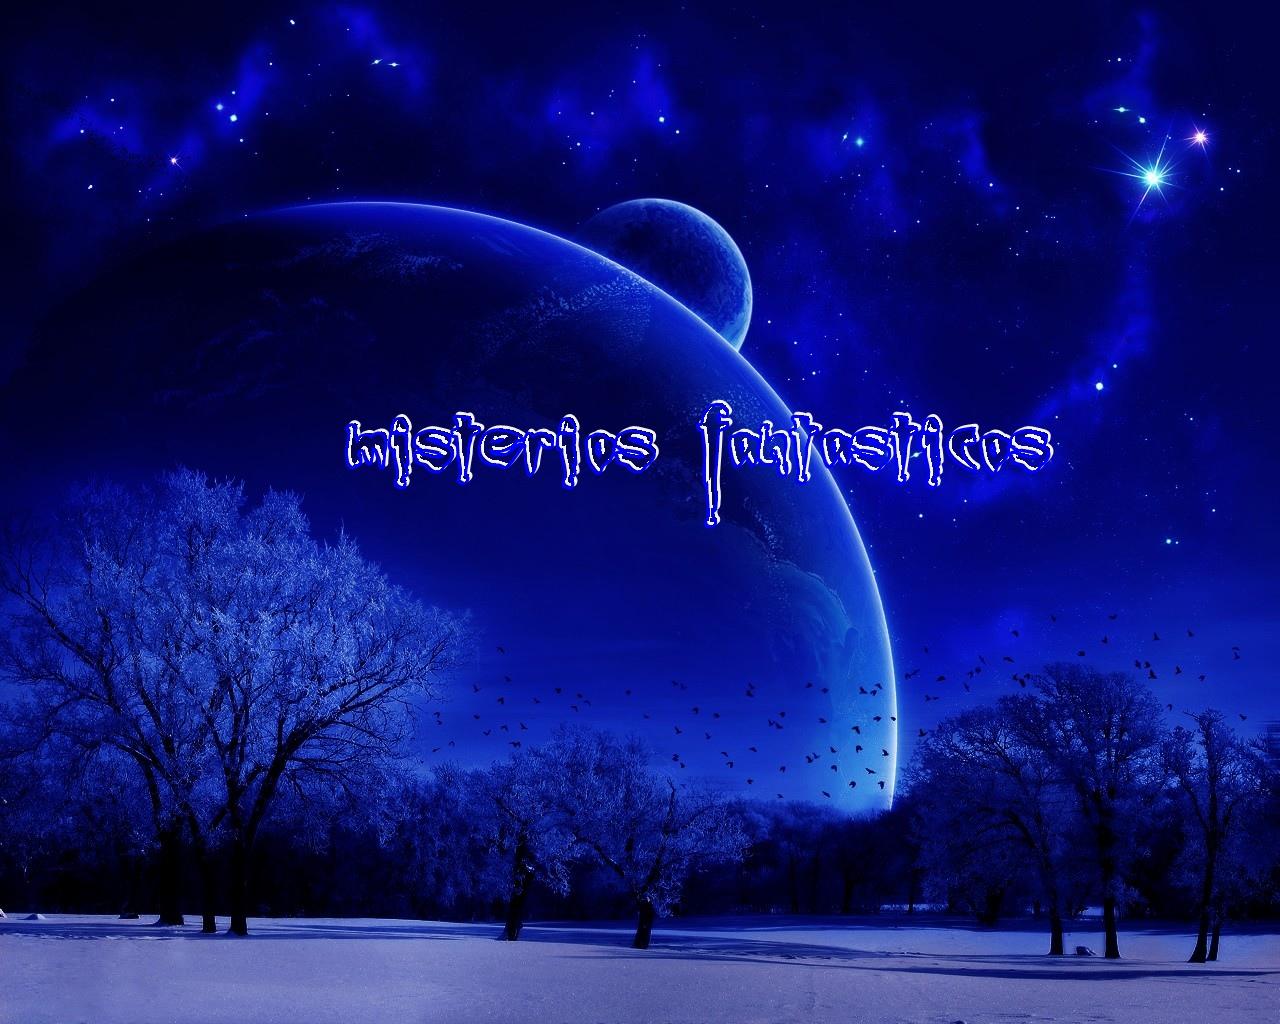 http://3.bp.blogspot.com/_36x37e5S95A/TR5dx4HUcbI/AAAAAAAACMo/Anzw0L9_1z8/s1600/Wallpapers+Misterios+fantasticos+%252821%2529.jpg